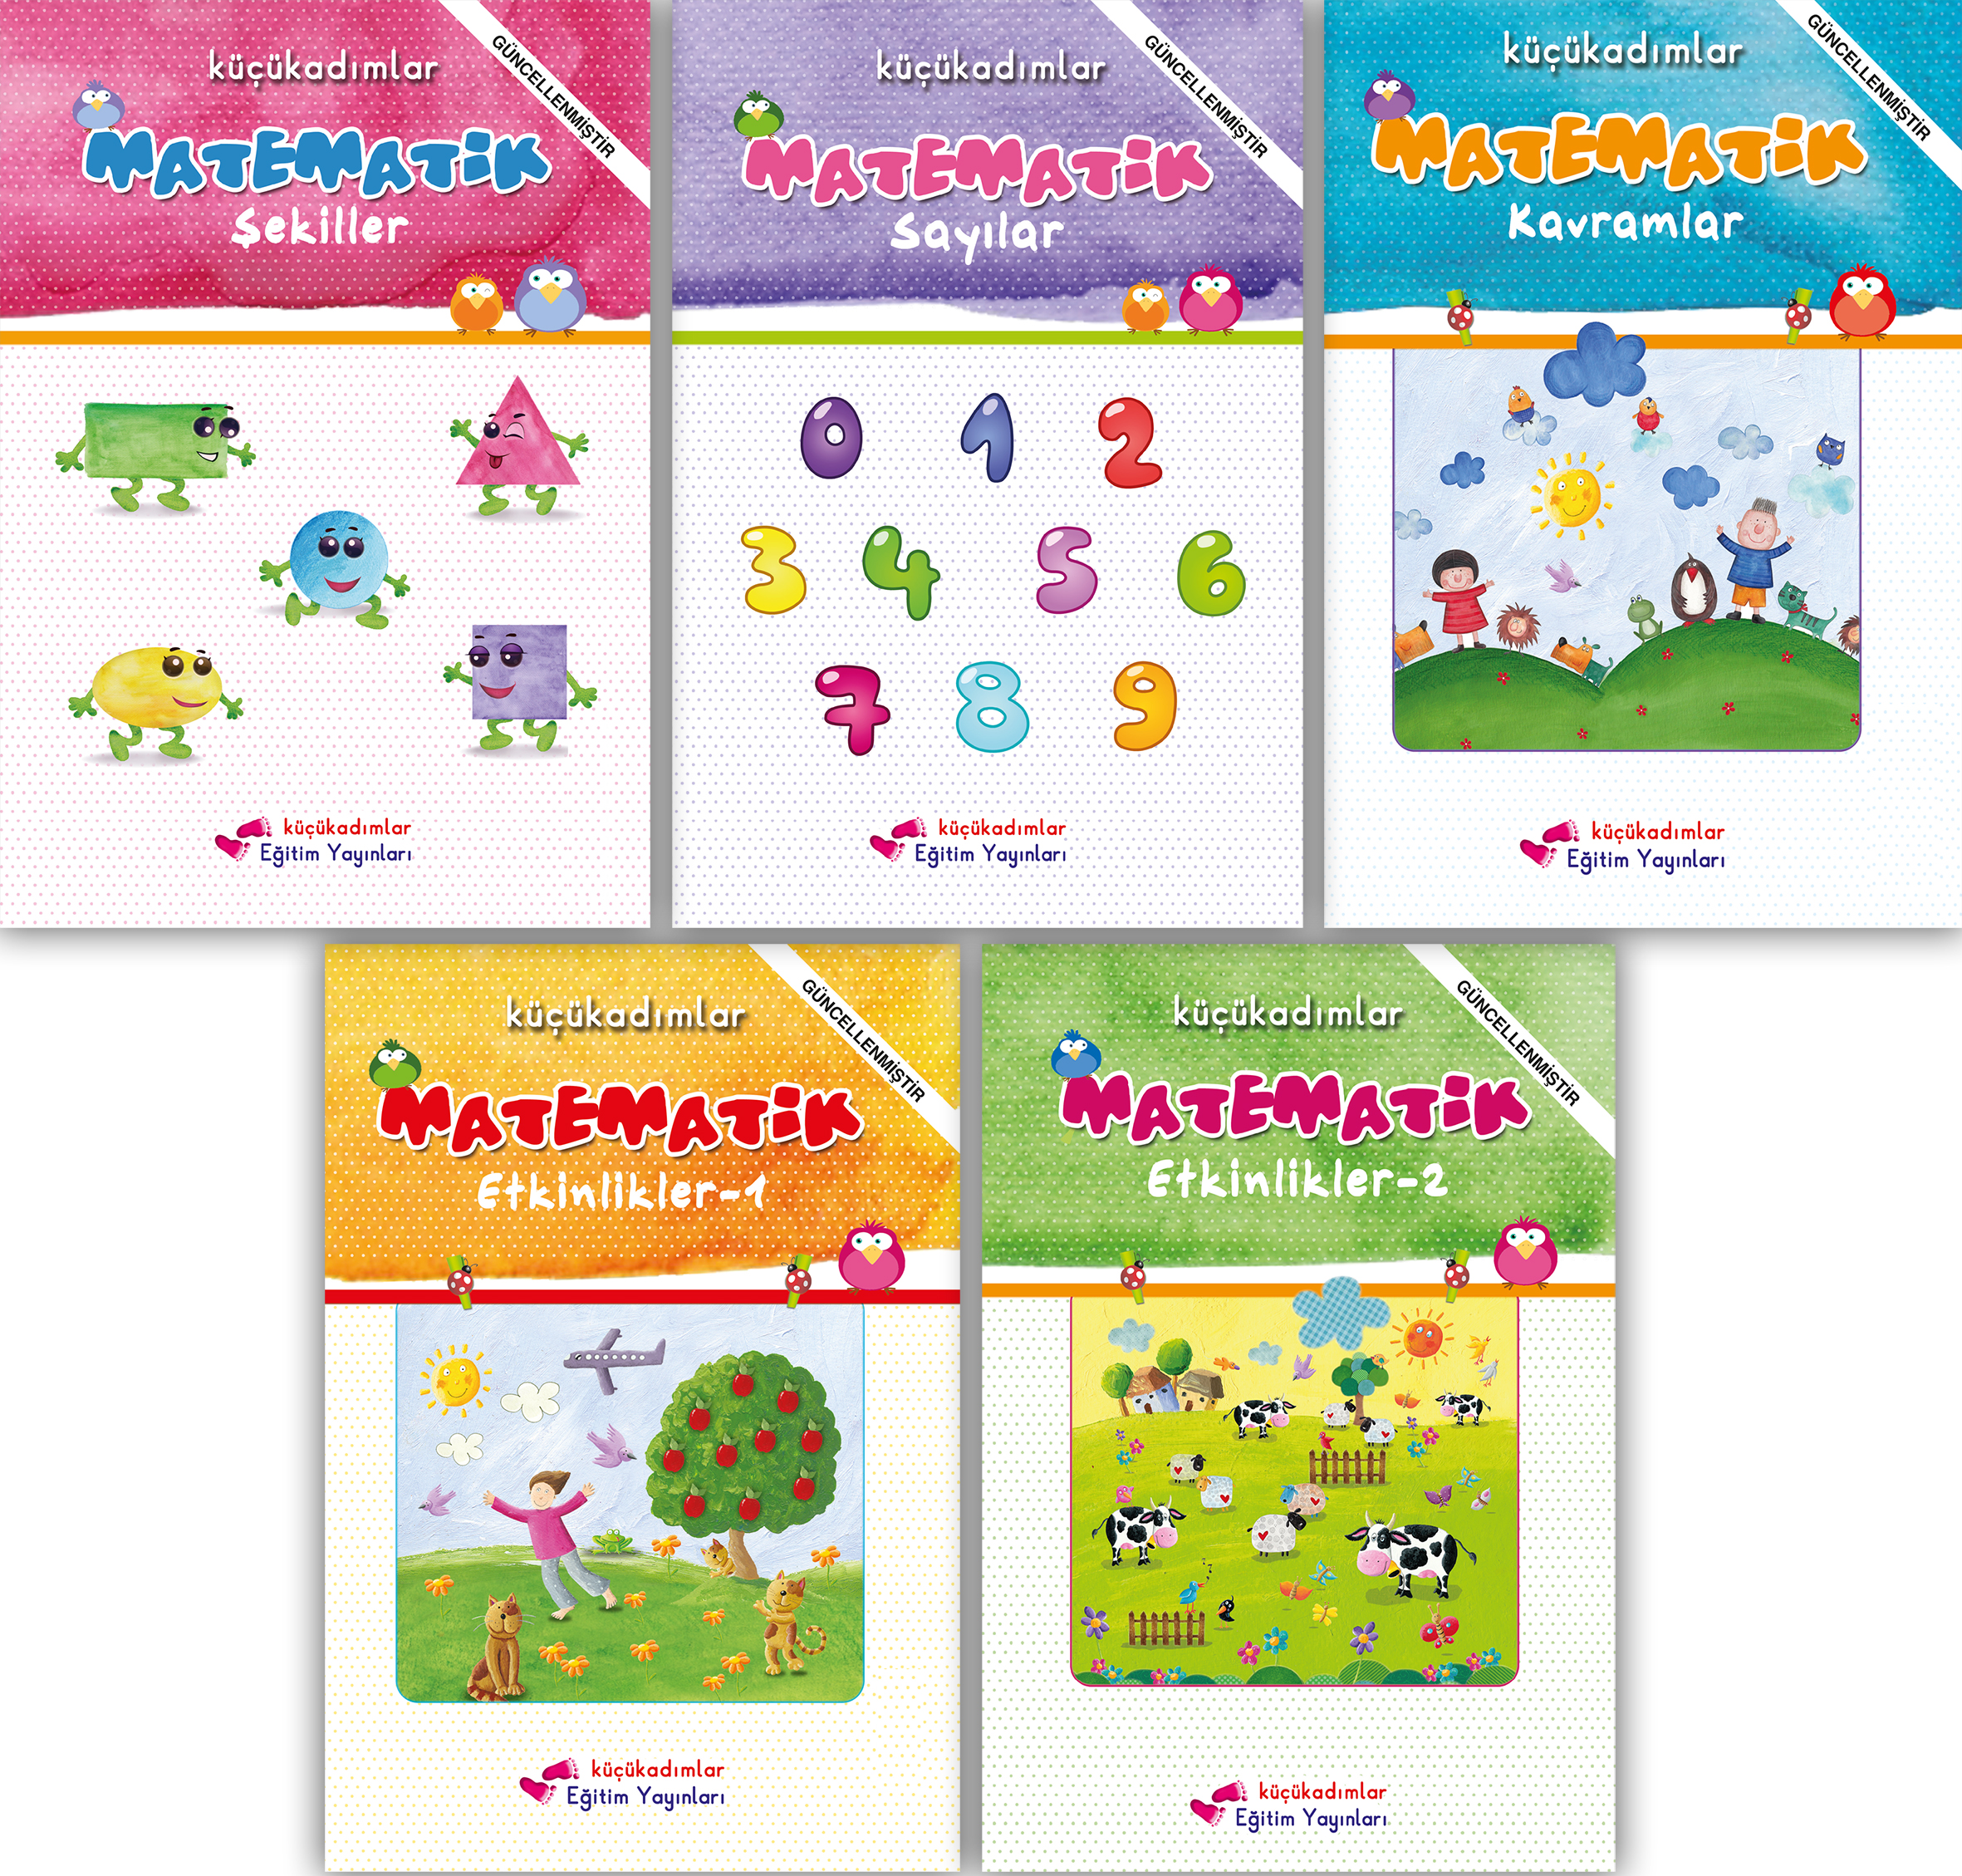 Matematik Seti 5'li – Küçükadımlar